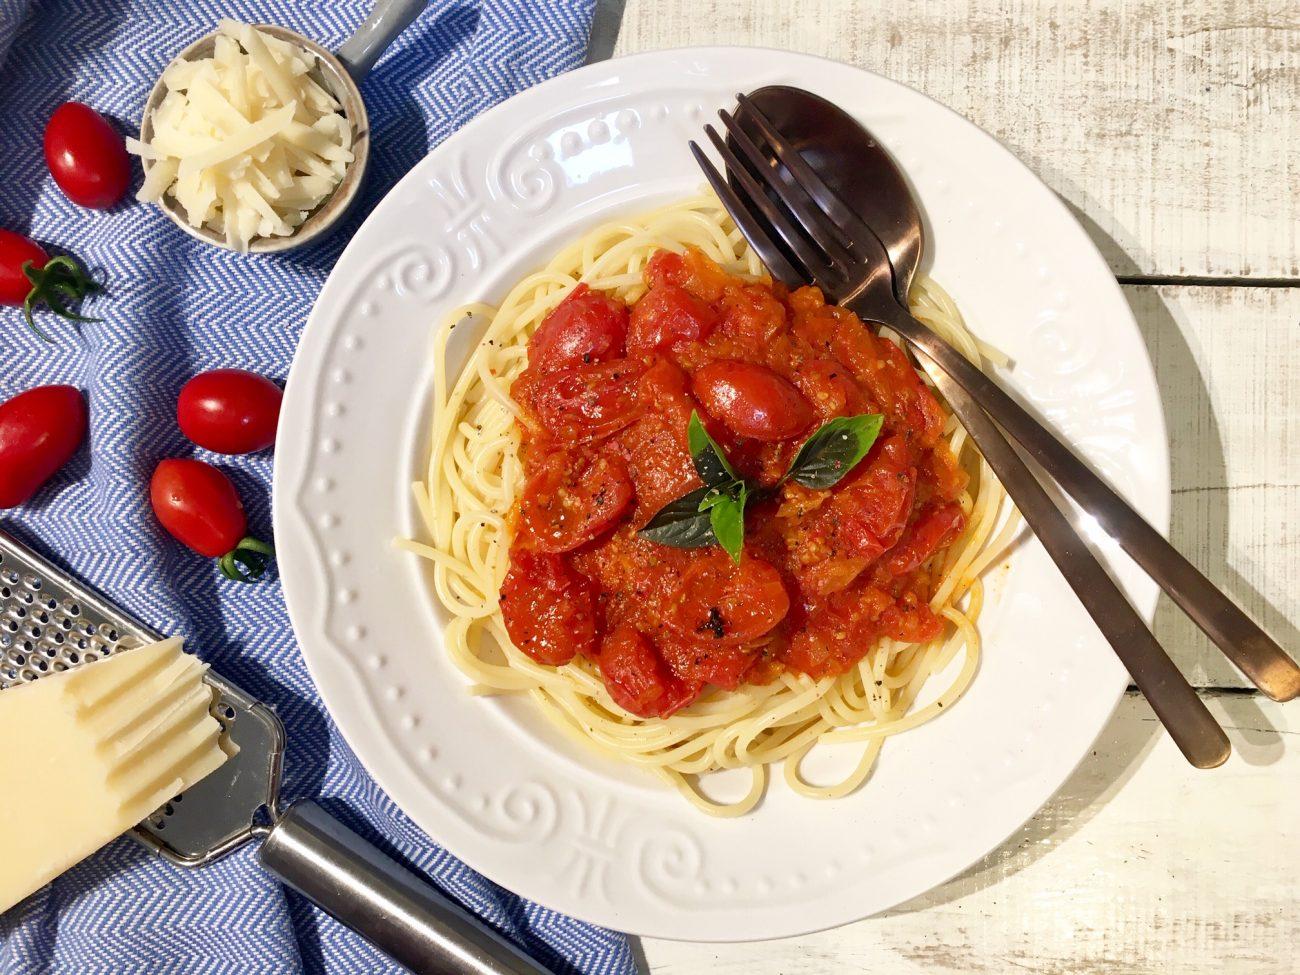 Ζυμαρικά με κόκκινη σάλτσα και βασιλικό